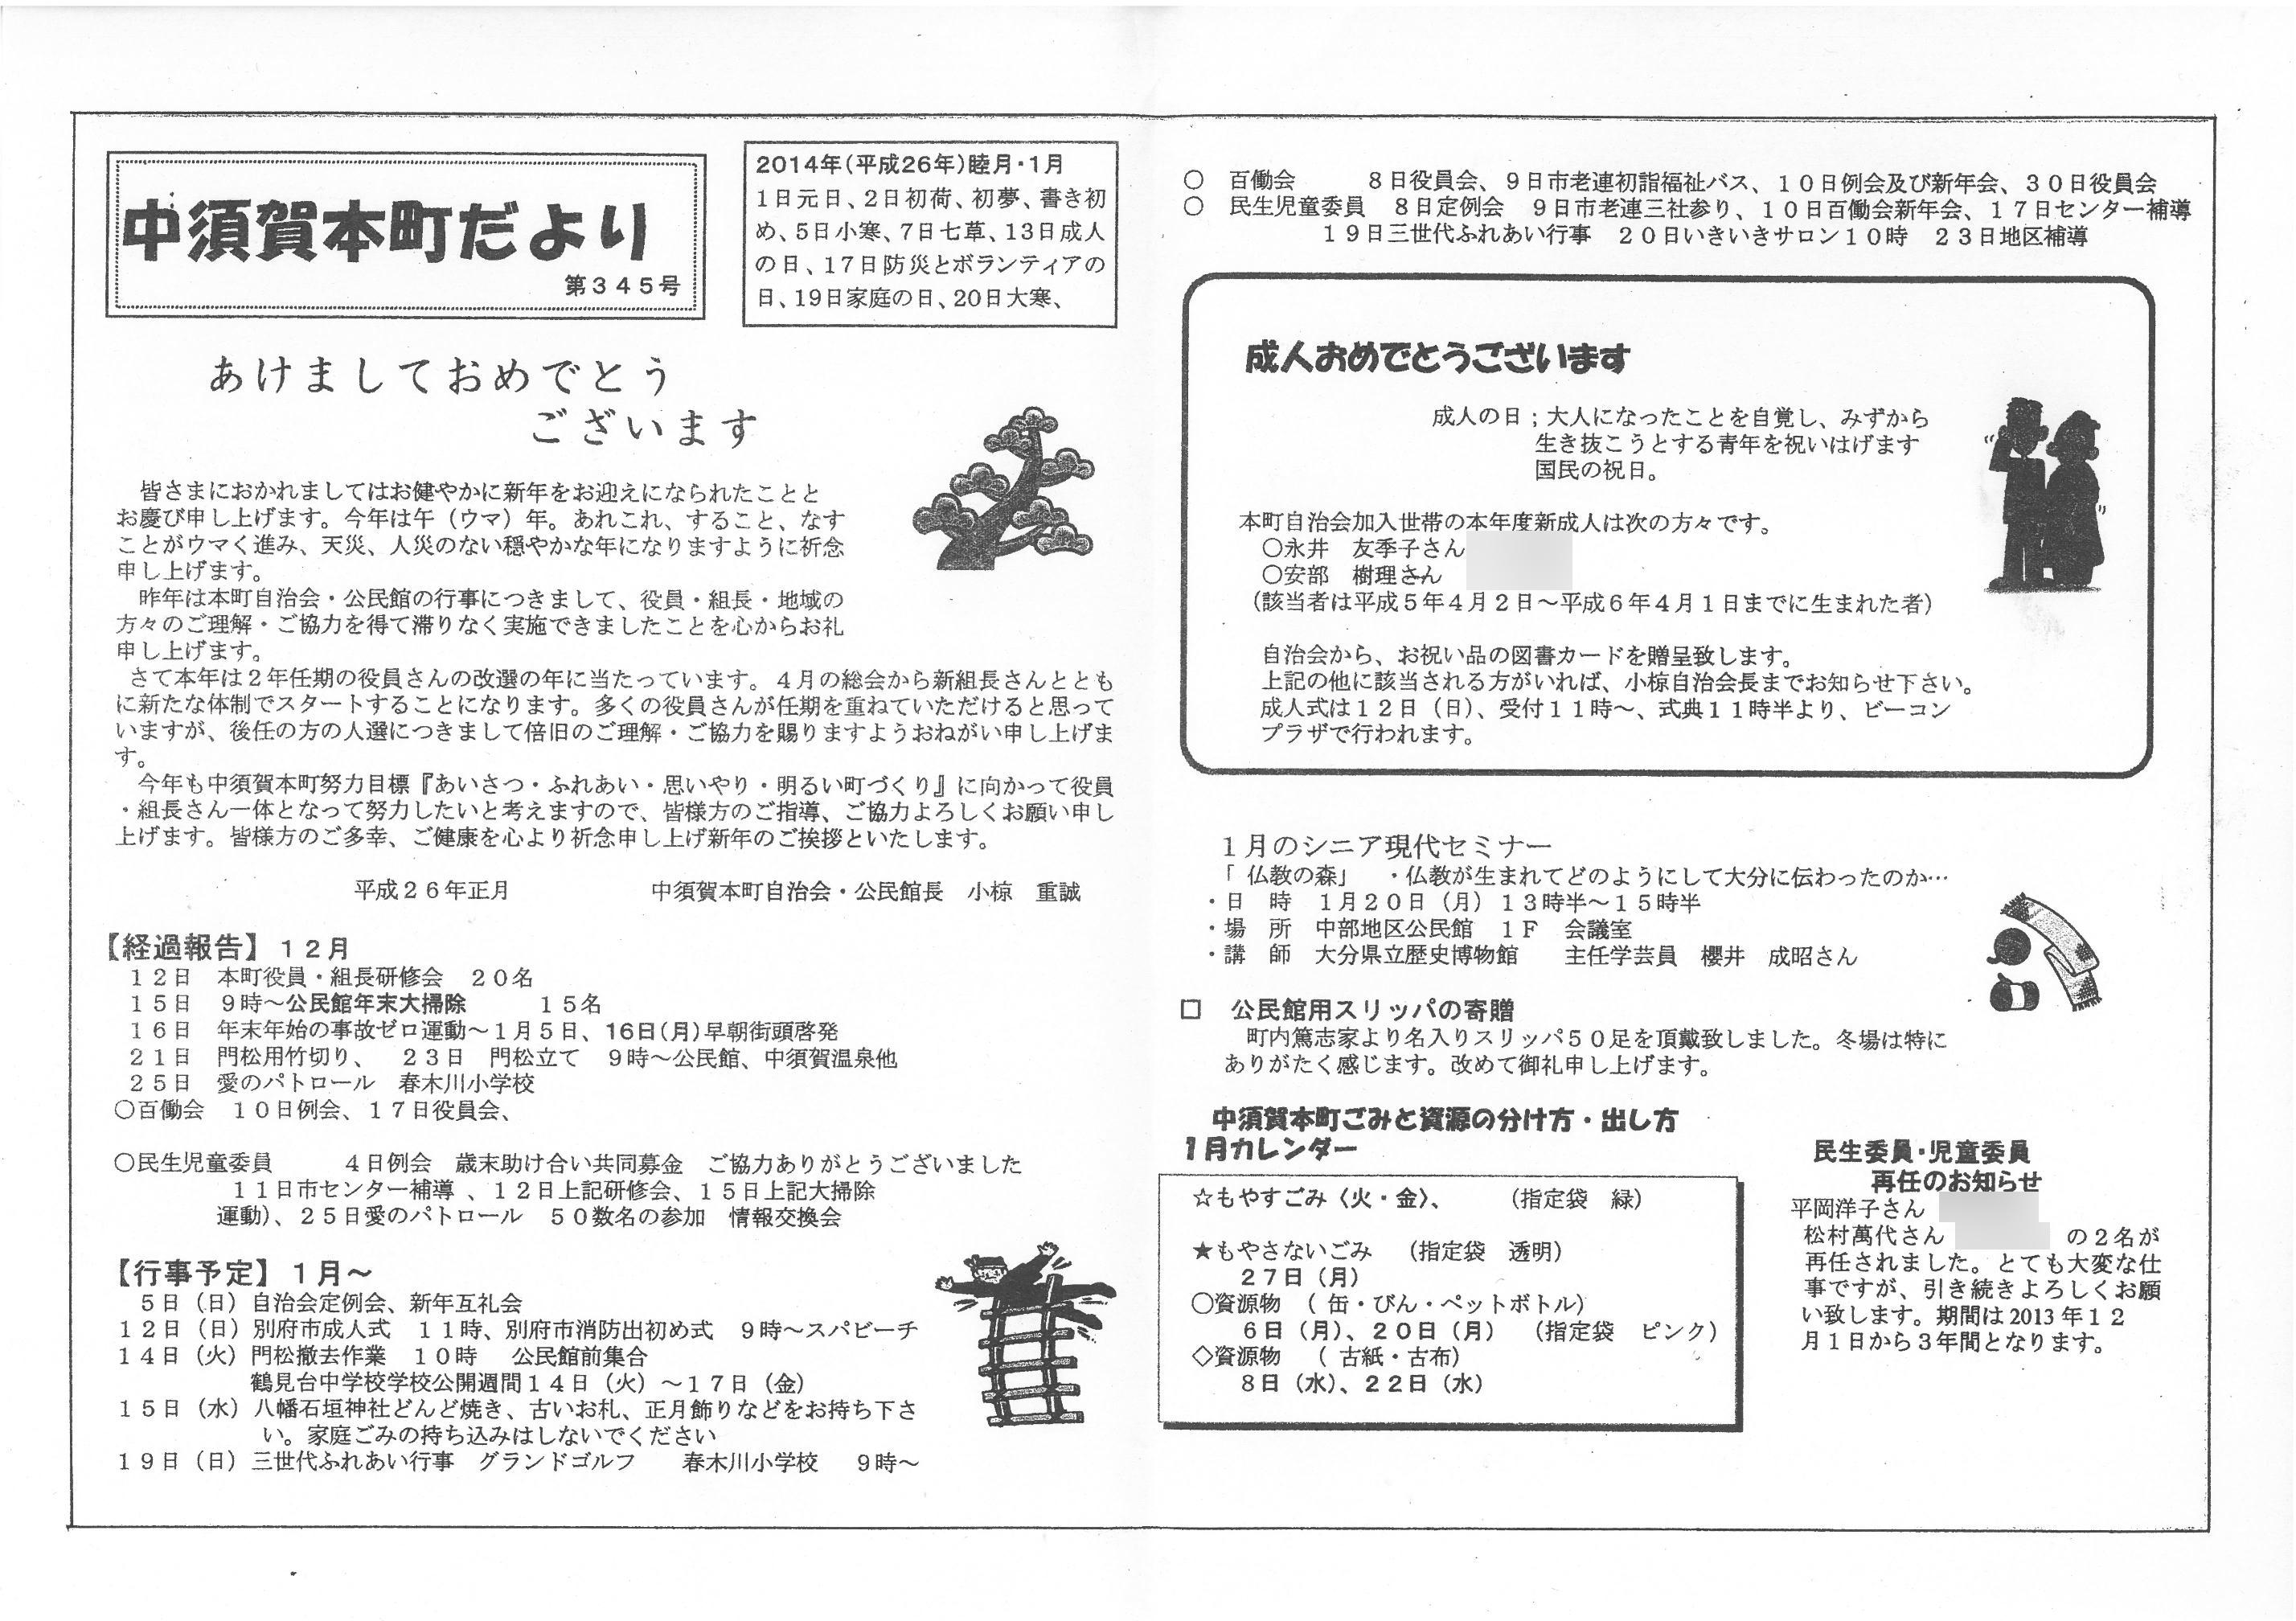 nakasugahonmachi2014_01